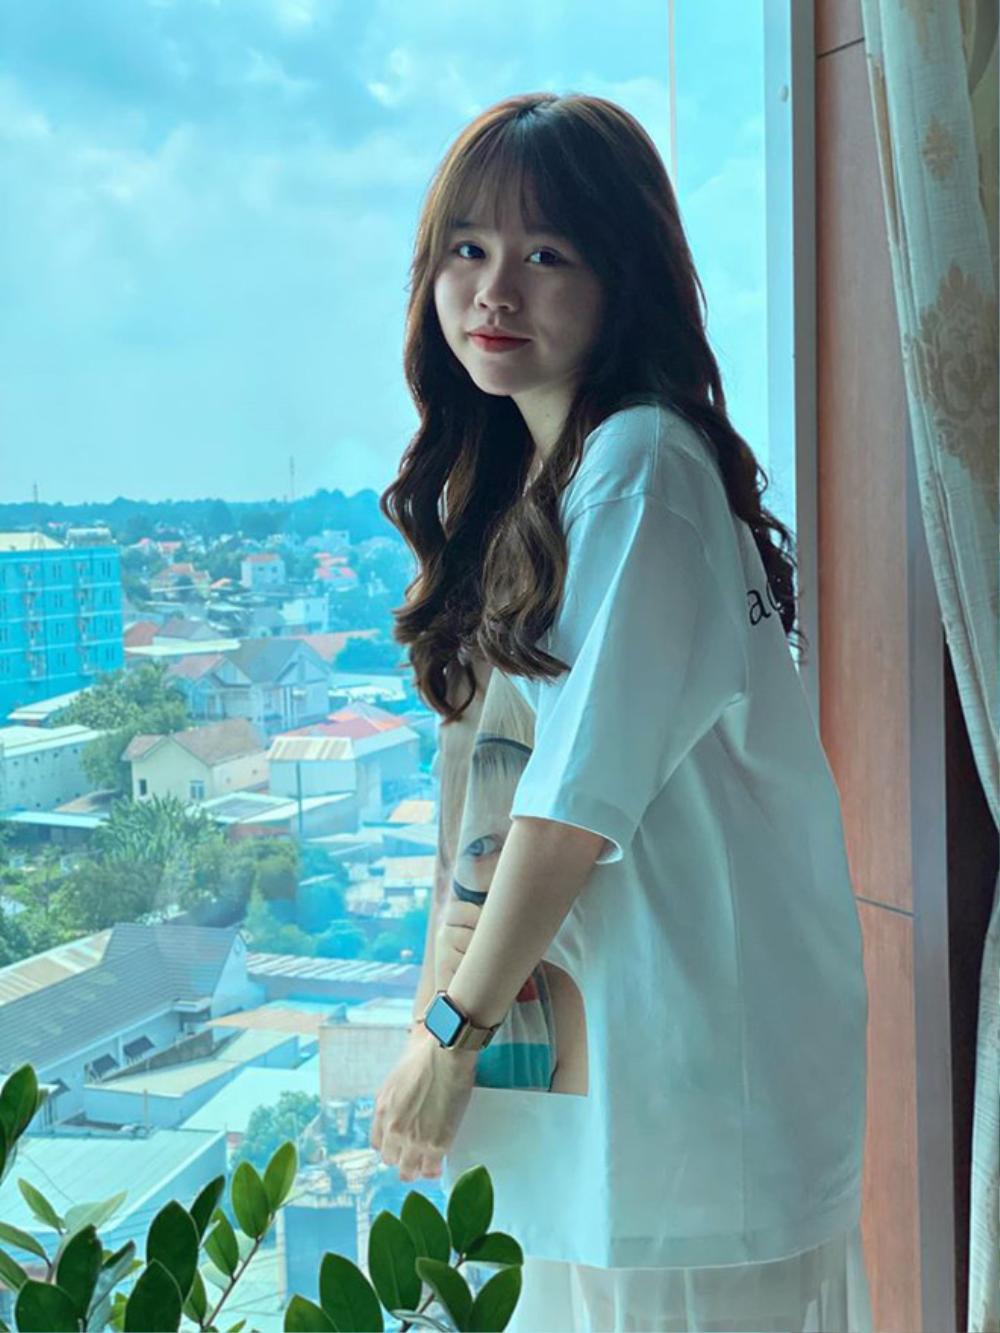 Dân mạng vẫn chưa 'buông tha' Huỳnh Anh sau 2 tháng chia tay Quang Hải Ảnh 1